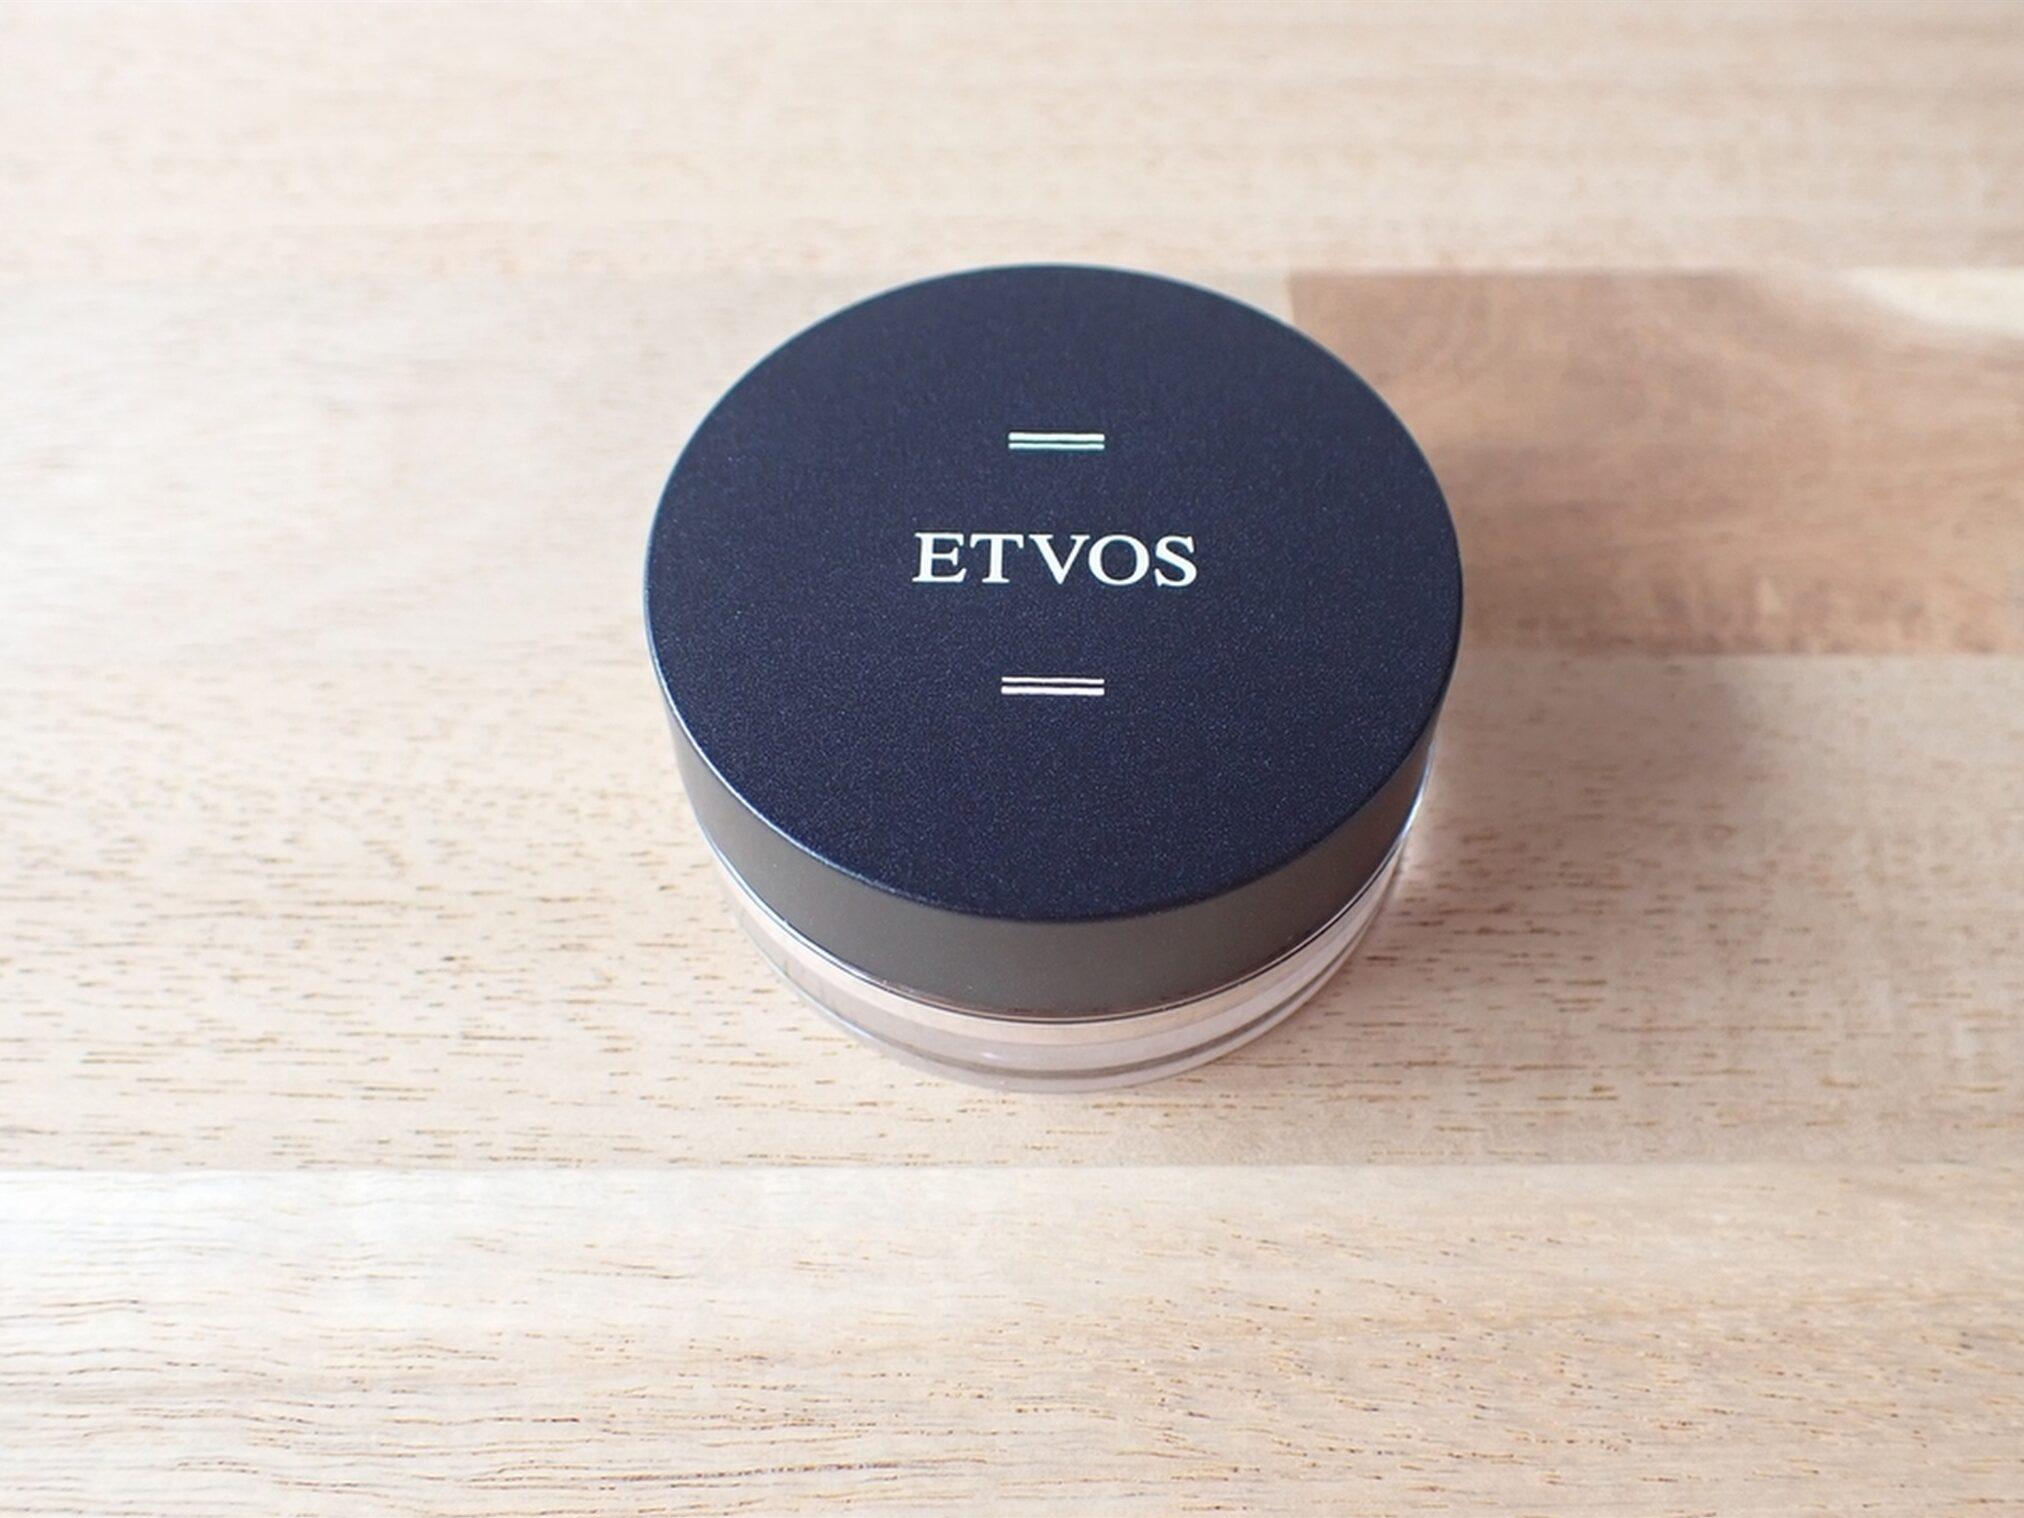 エトヴォス パーフェクトキット マットスムースミネラルファンデーションは4色から好きな色を選べます